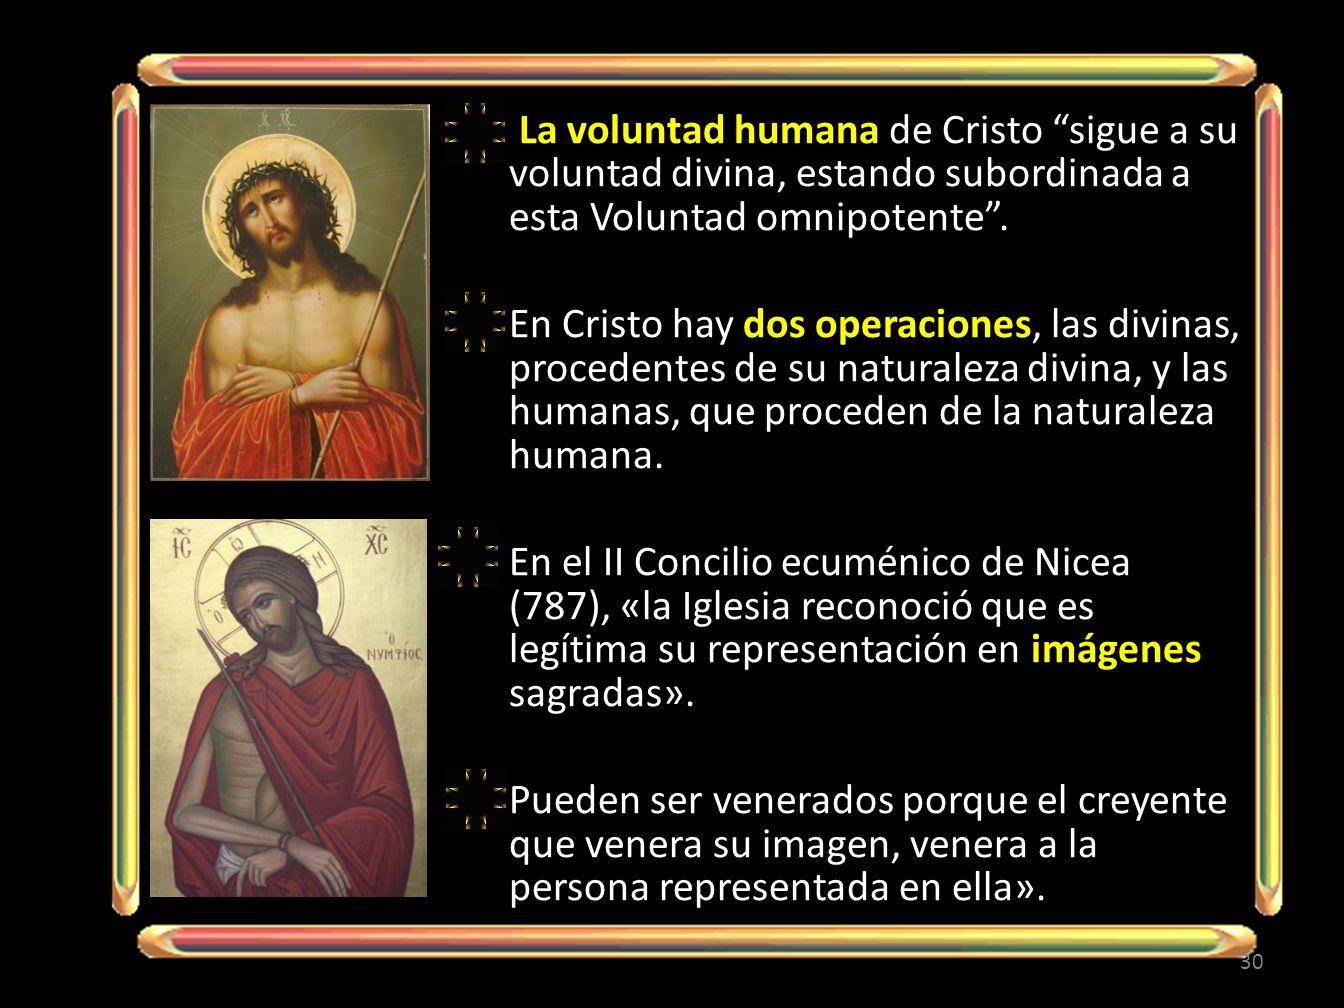 La voluntad humana de Cristo sigue a su voluntad divina, estando subordinada a esta Voluntad omnipotente.